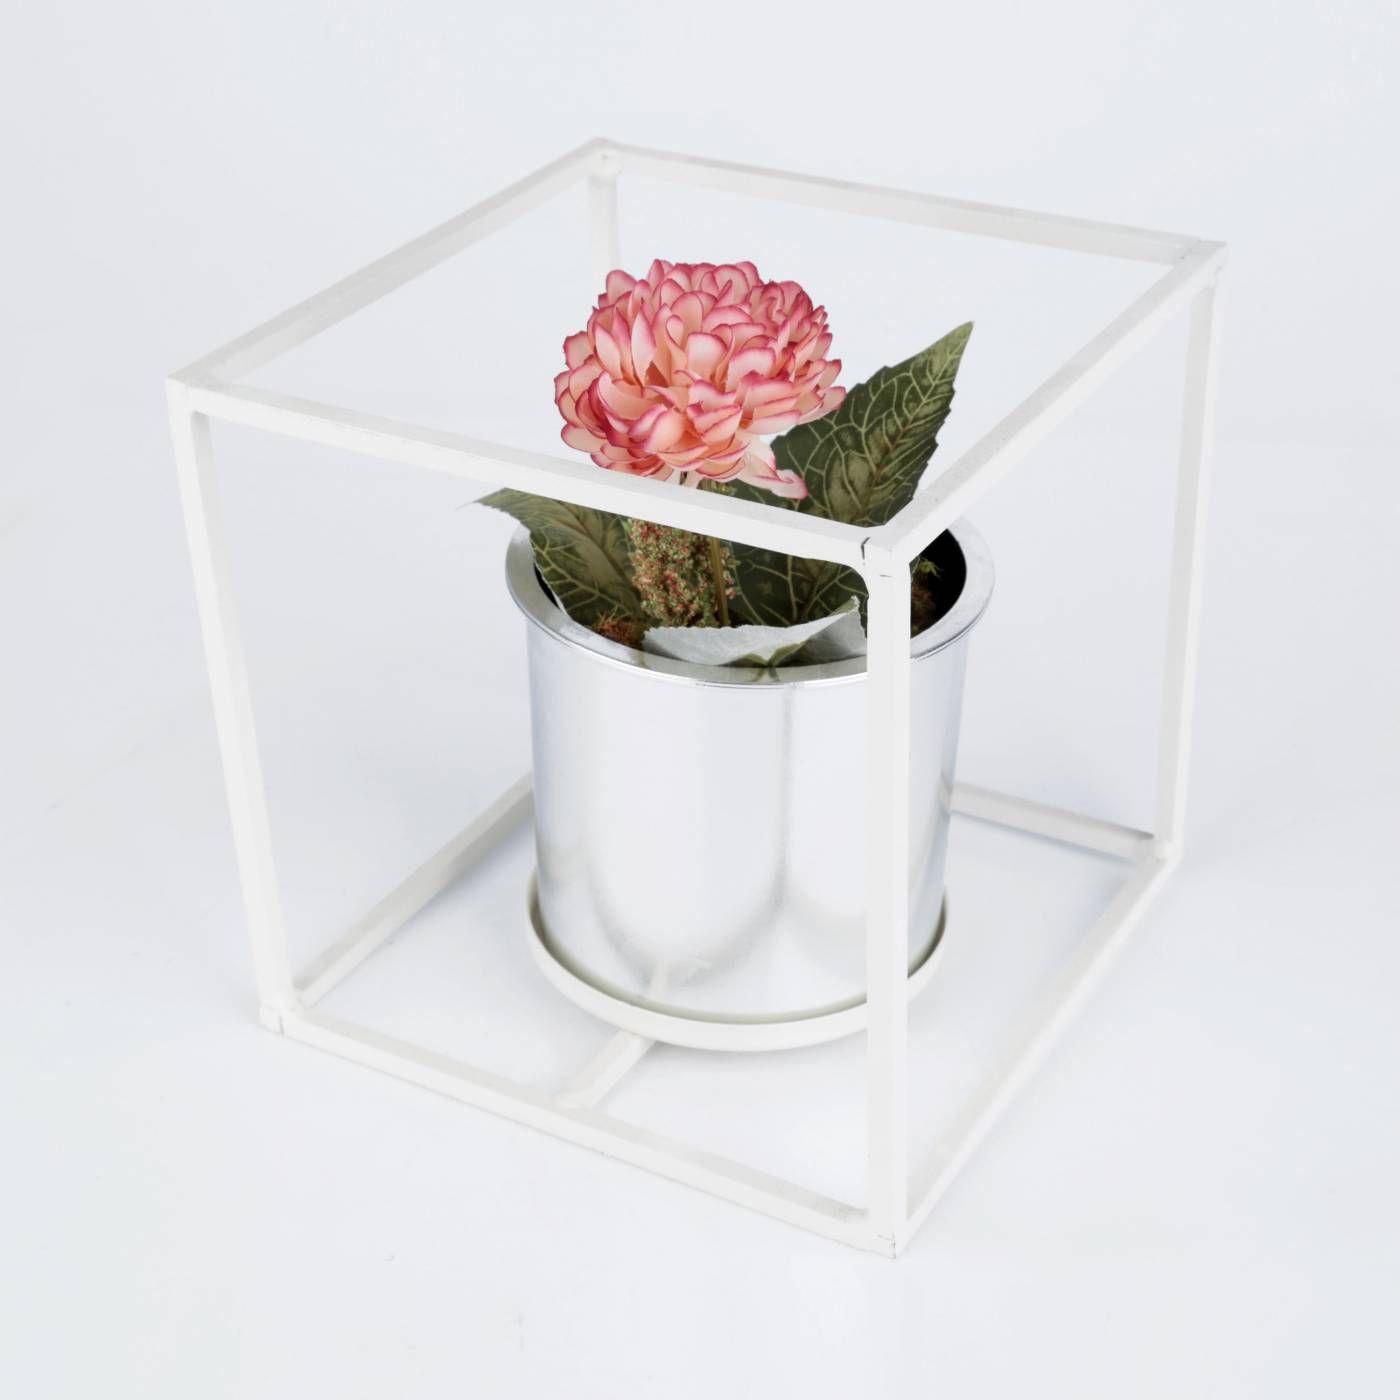 Vaso em Metal e Plástico Prata com Suporte para Suculentas, Flores e Plantas